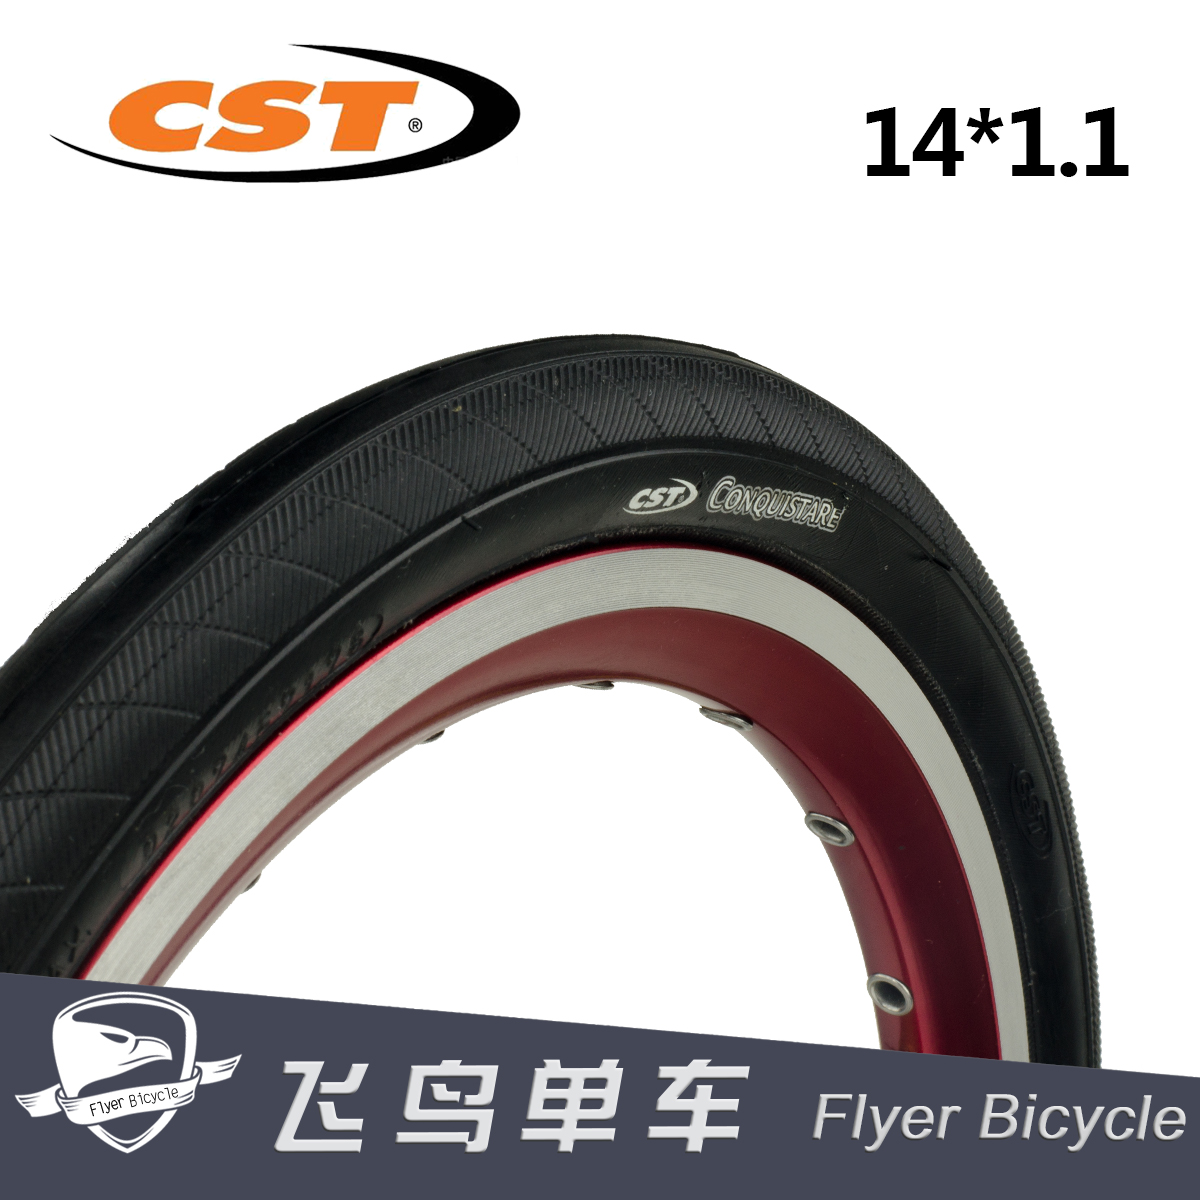 正新 CST 14*1.1 14寸超轻光头轻量折叠车外胎 bya412外胎内胎